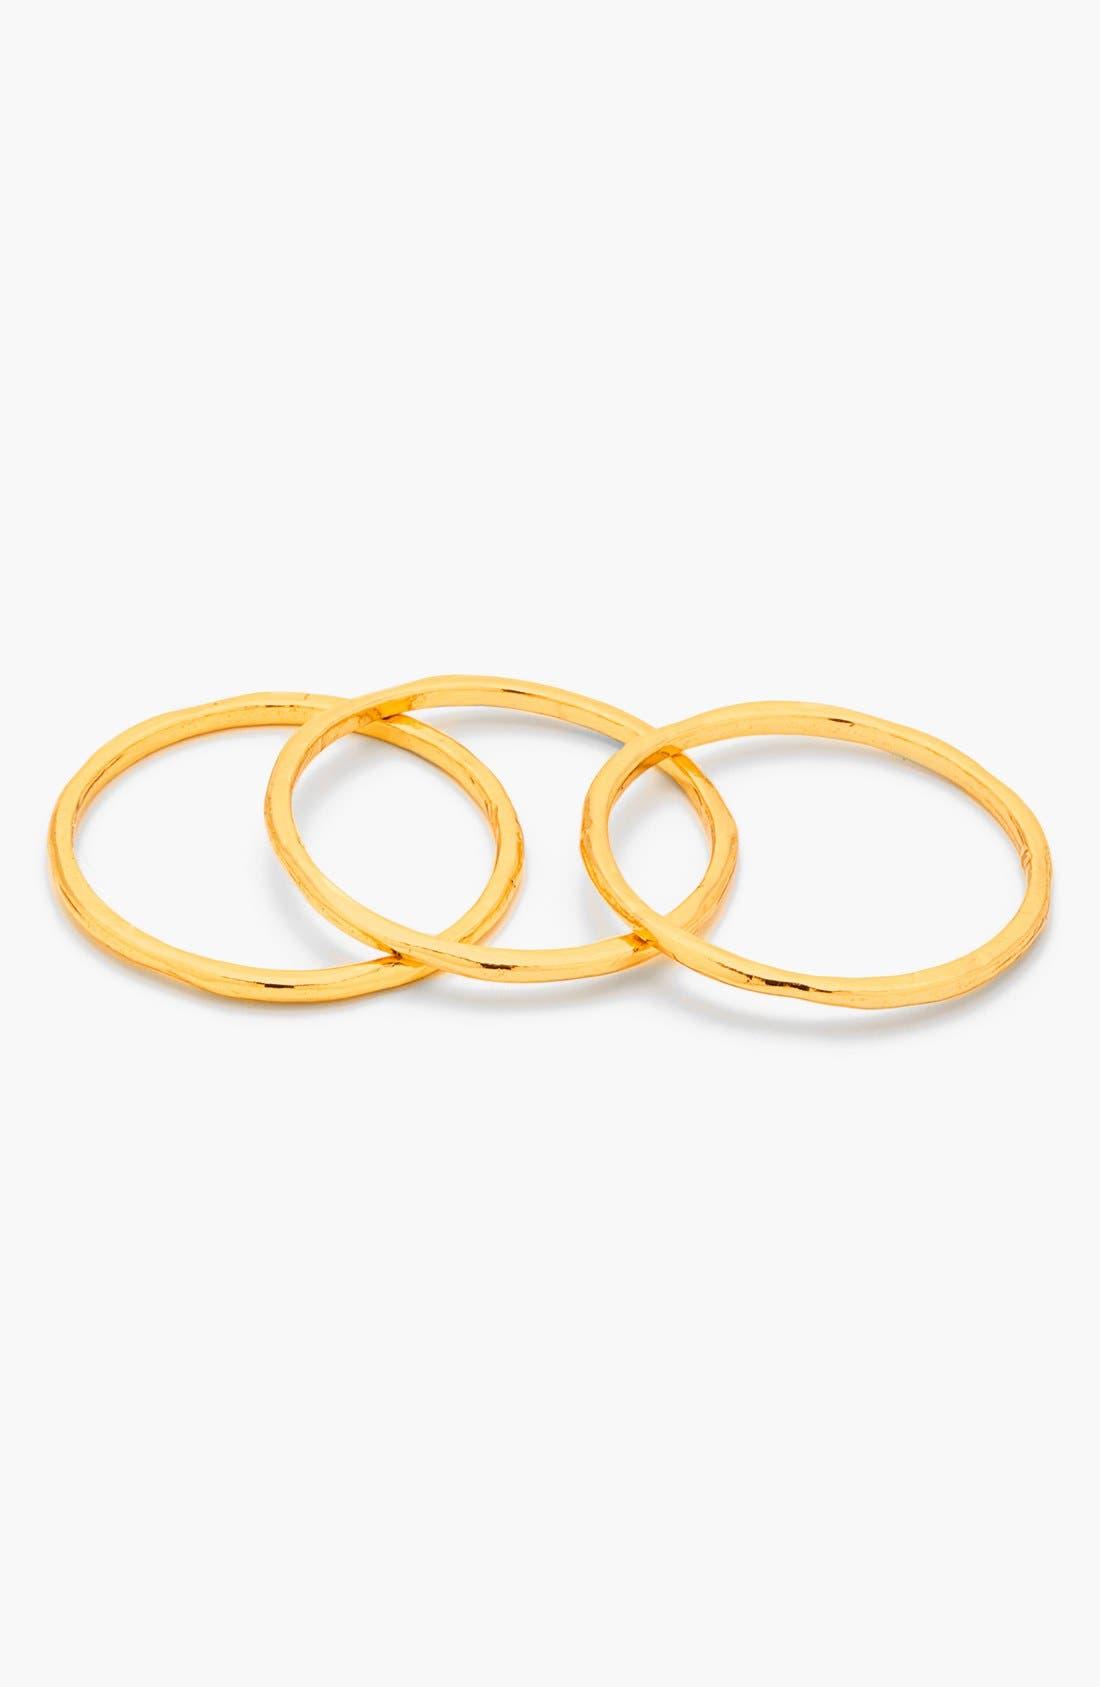 Alternate Image 3  - gorjana 'G Ring' Midi Rings (Set of 3)